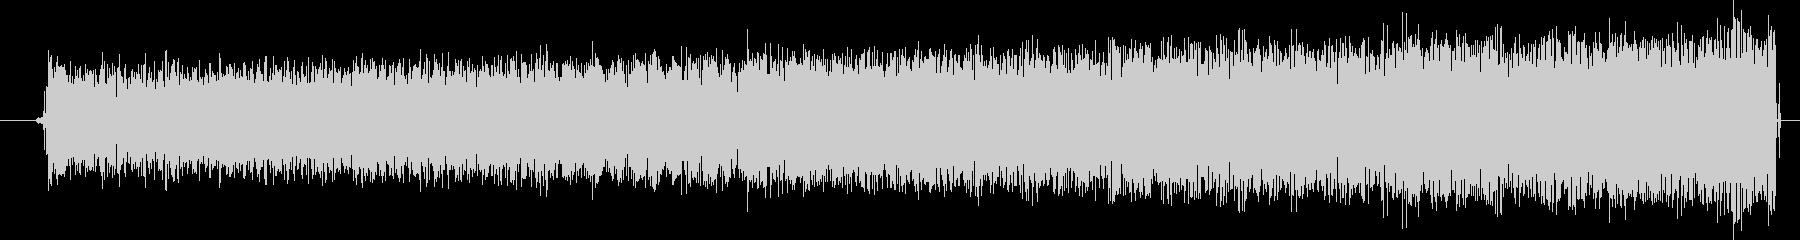 ギューーン(エネルギーを溜める音)の未再生の波形